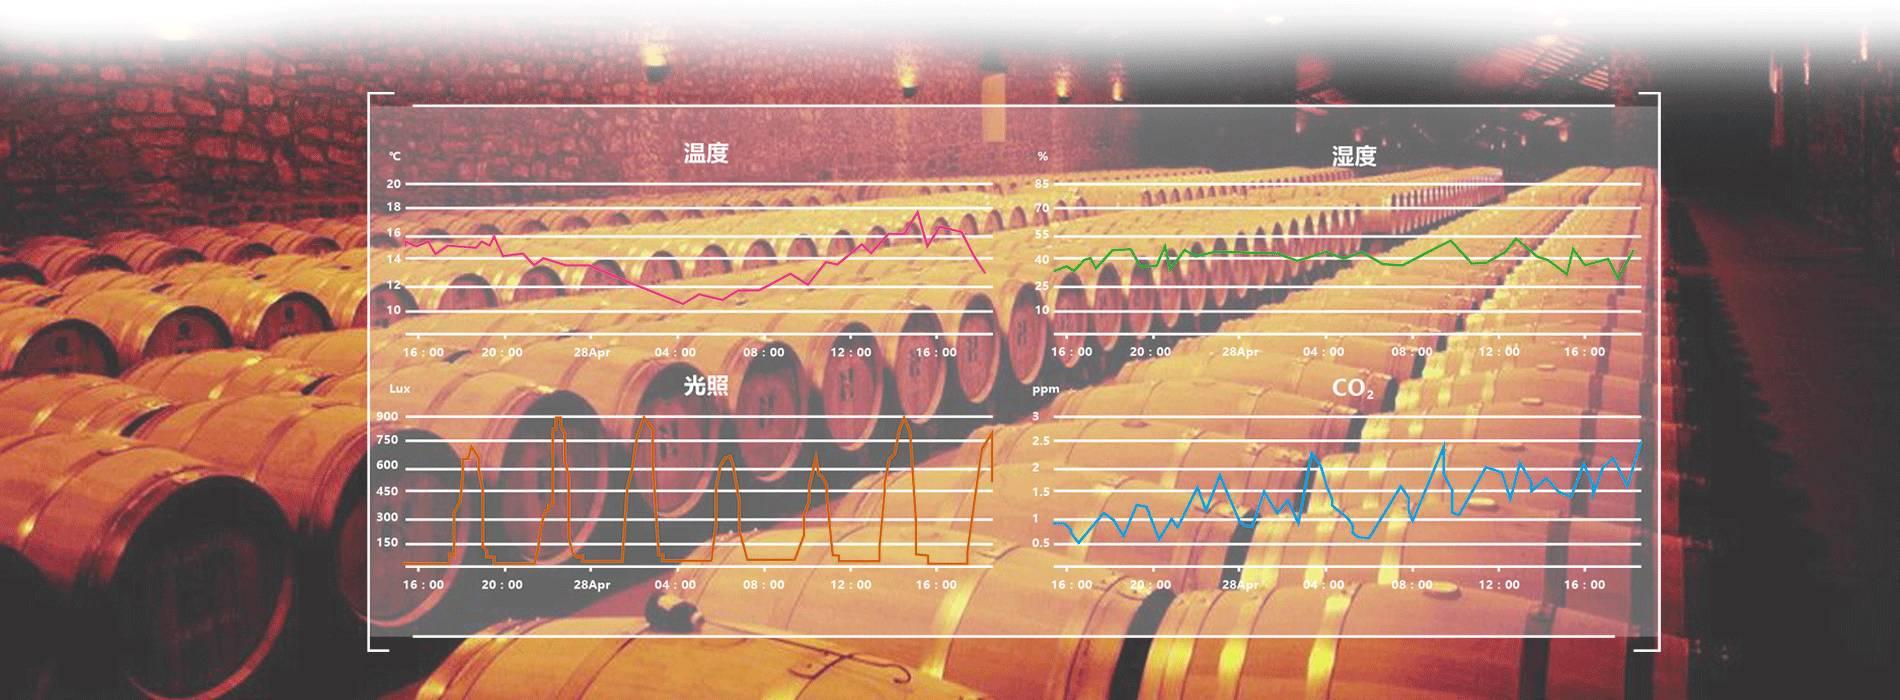 酒窖应用图